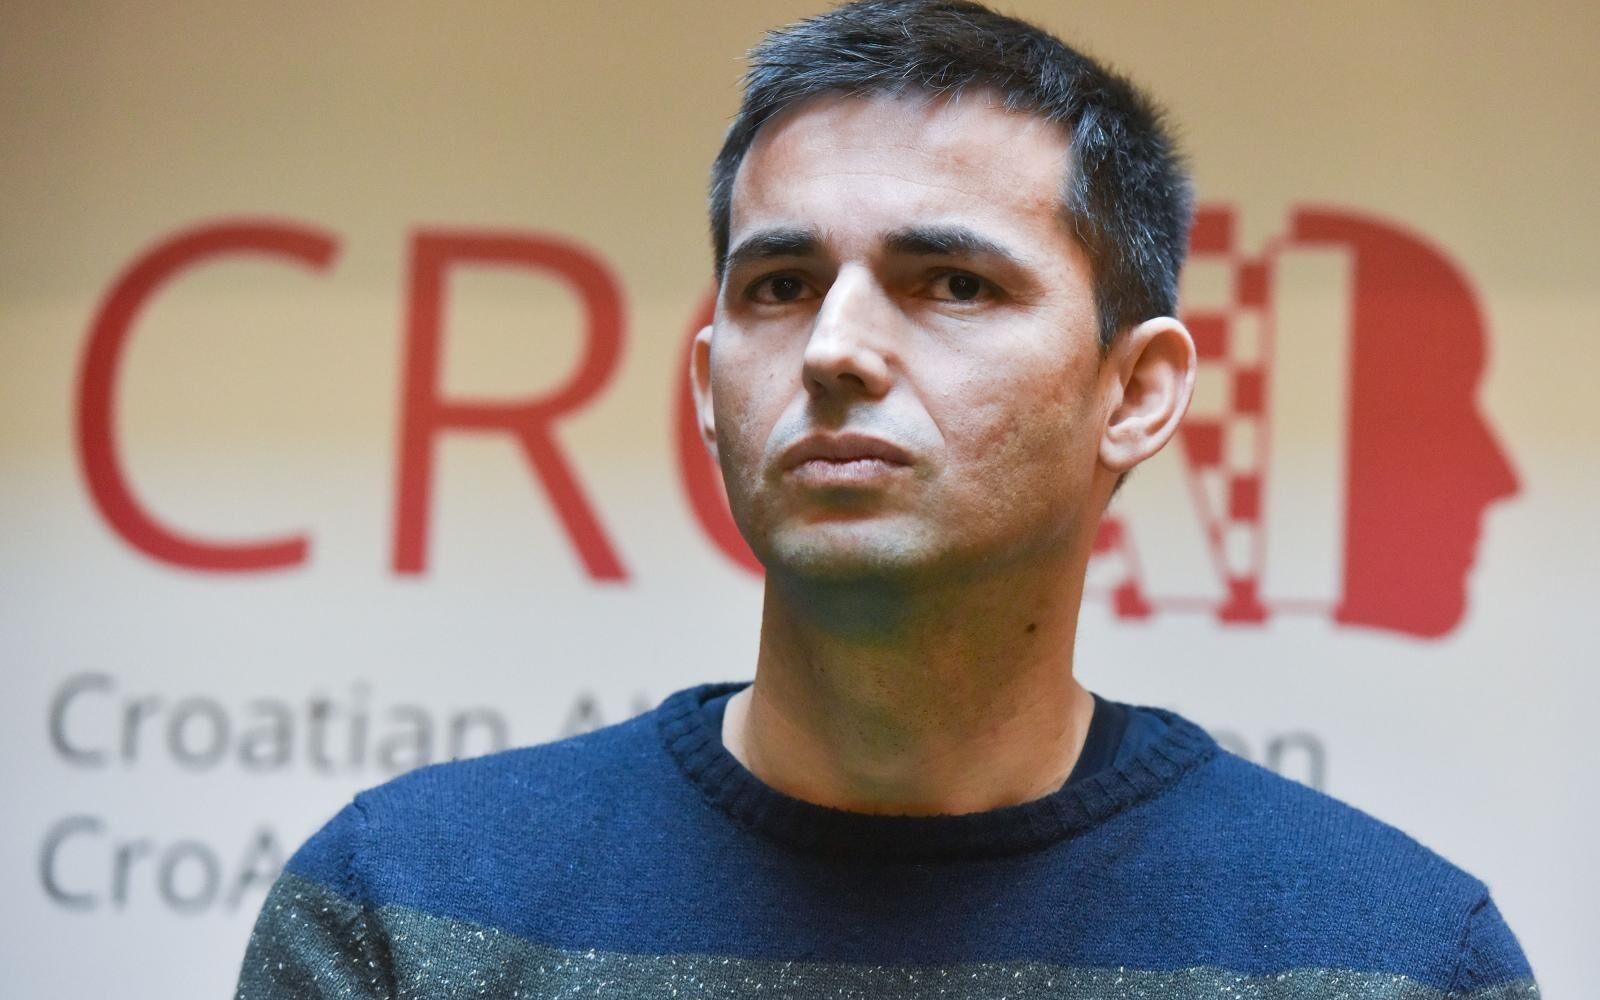 Hrvatska tehnološka udruga tek je osnovana, a već zanima Facebook i Google